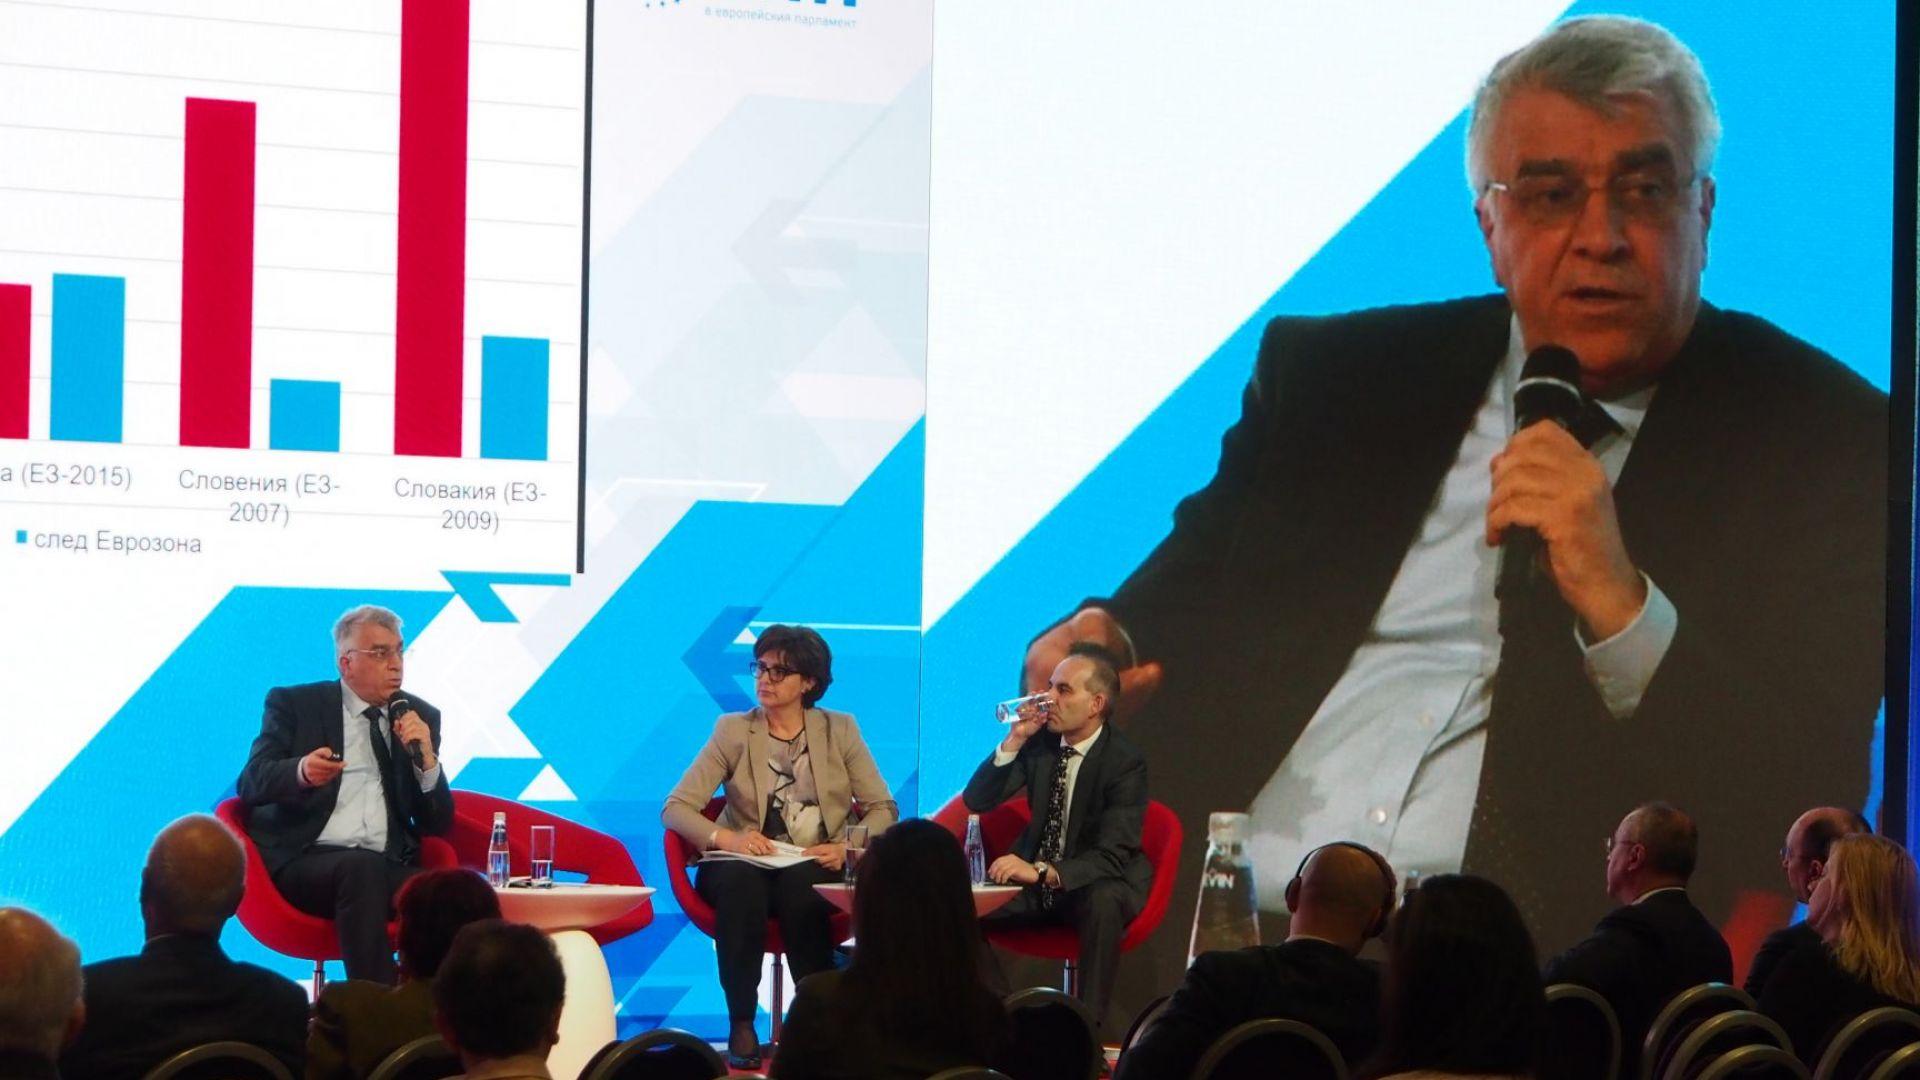 Румен Гечев: Трябва да искаме ясен отговор за приемането ни в еврозоната